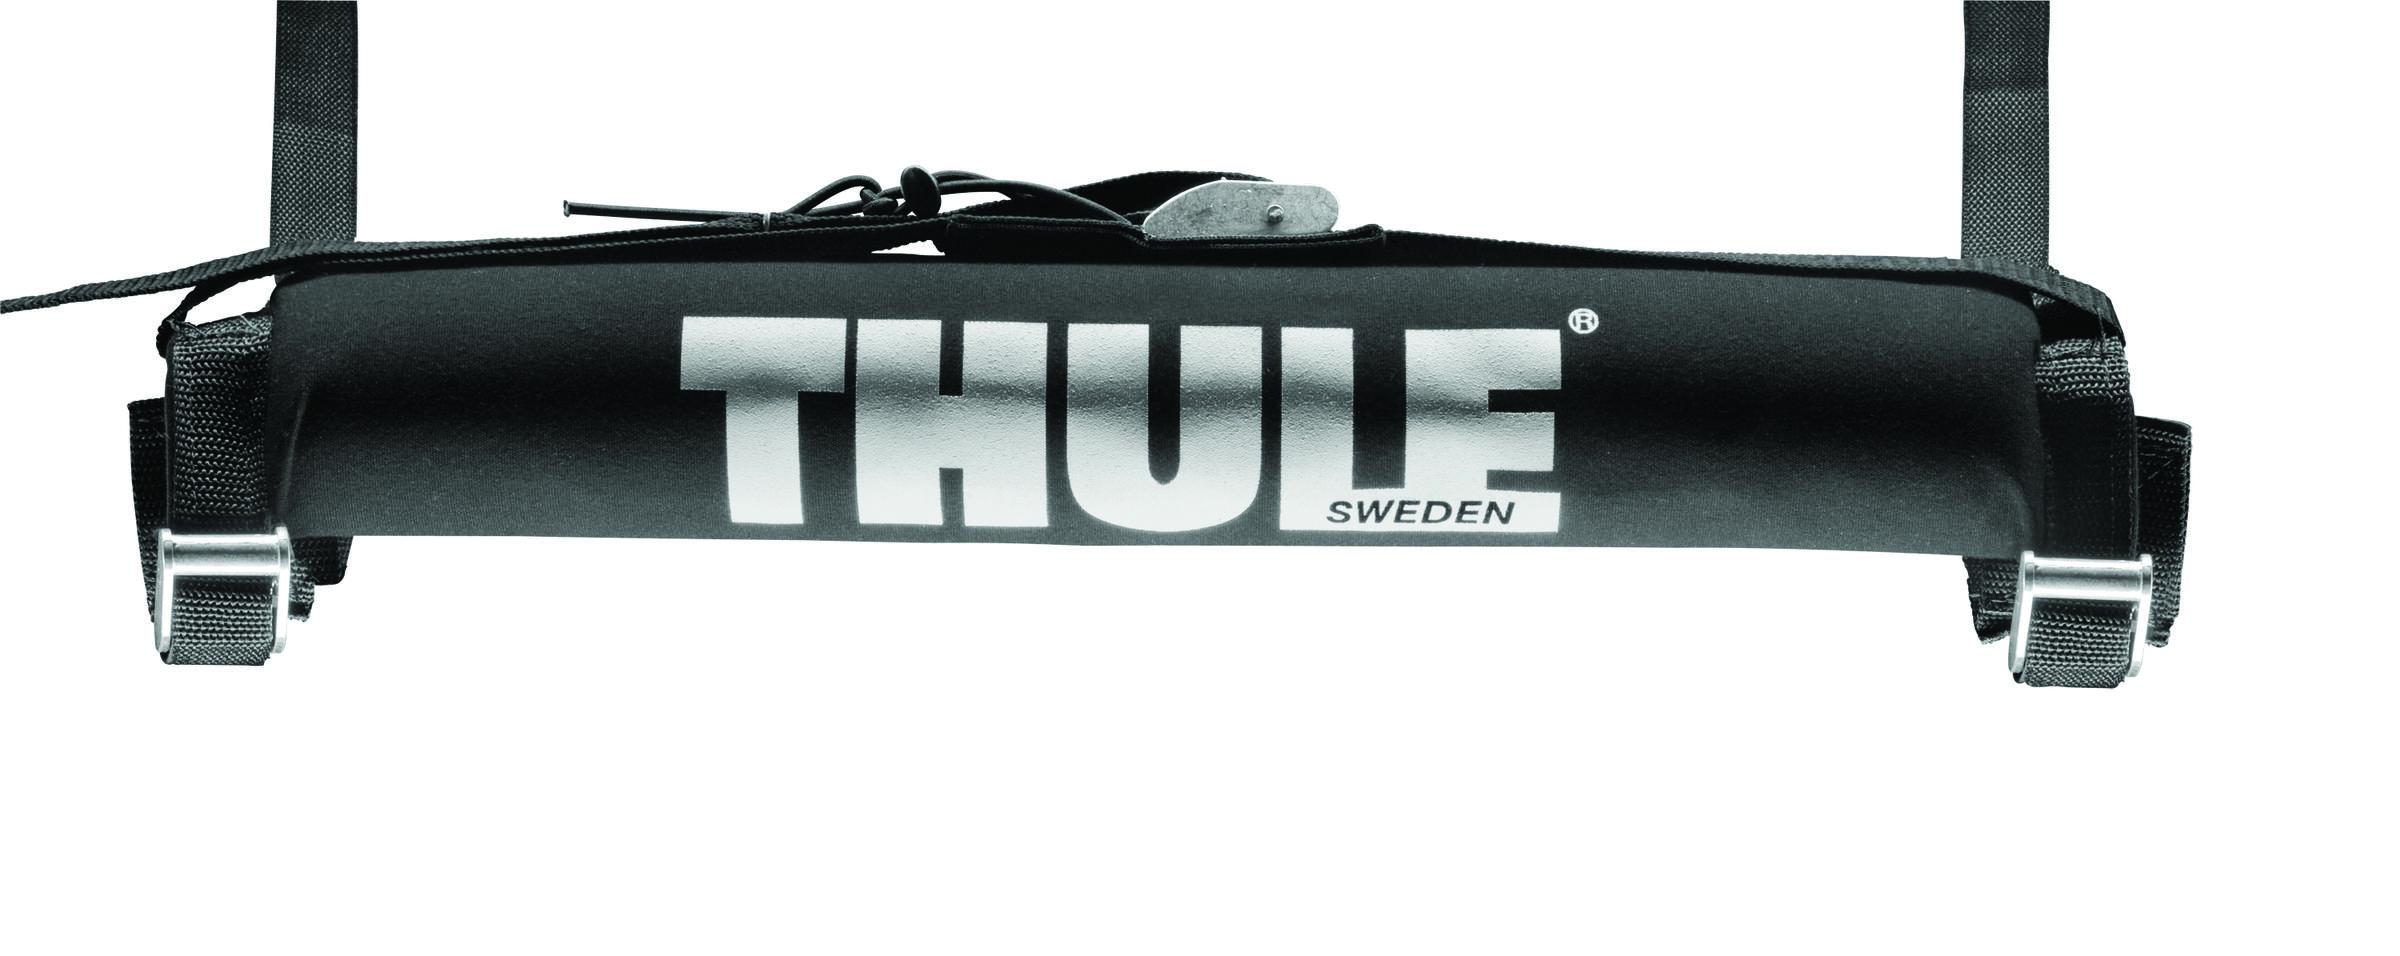 Thule Surf Tailgate Pad Rack It Com